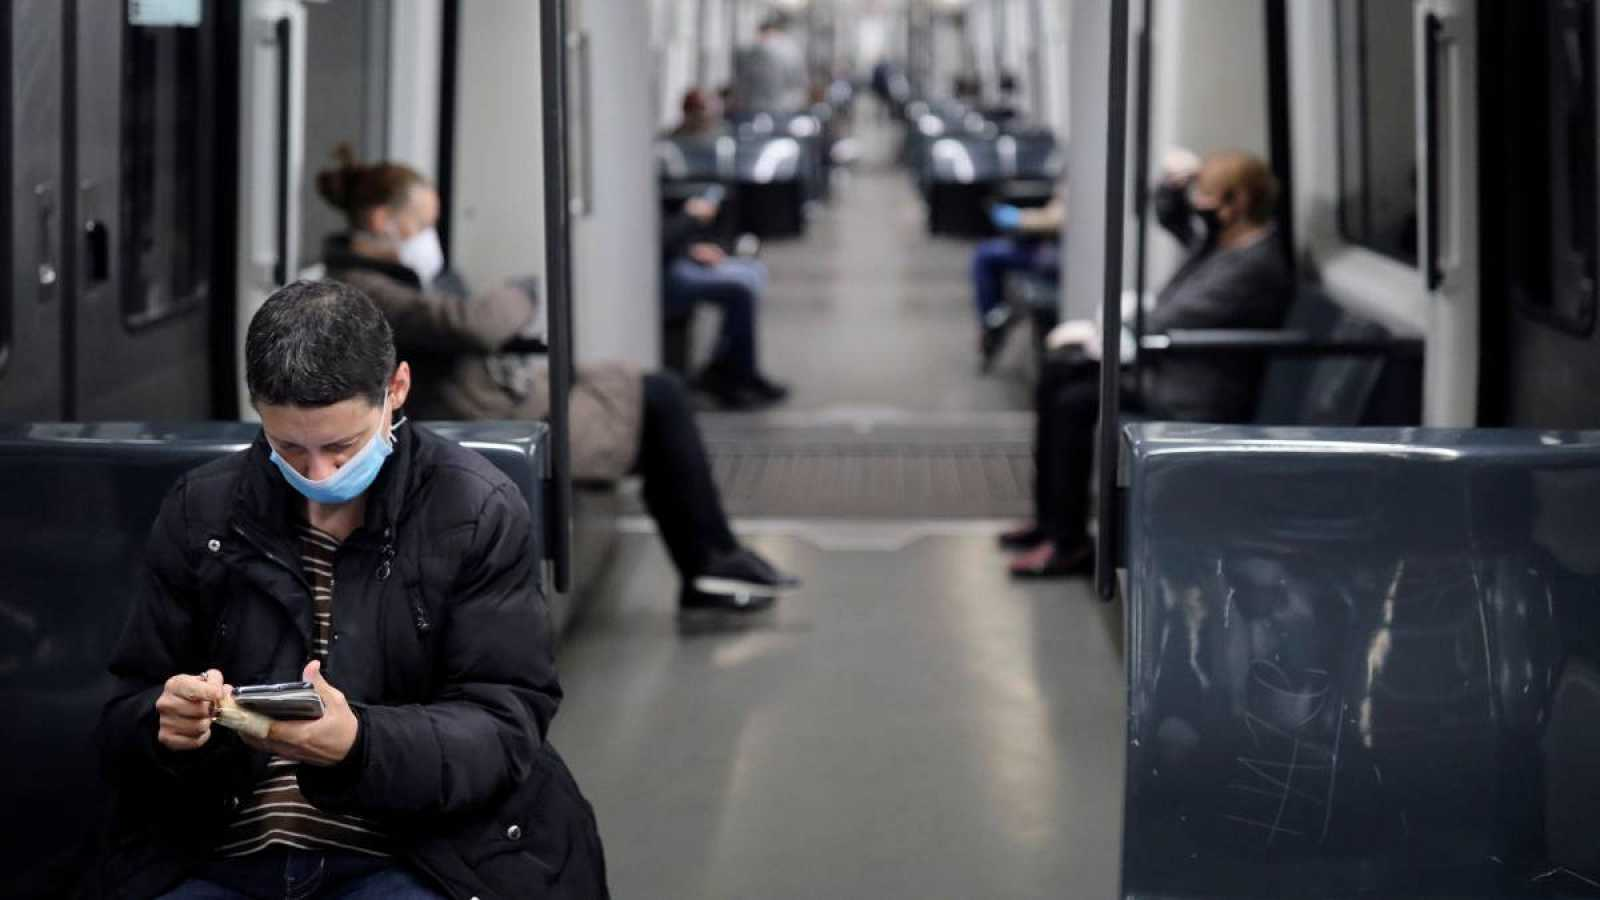 Un vagón del metro de Barcelona, semivacío durante un día laborable en pleno estado de alarma